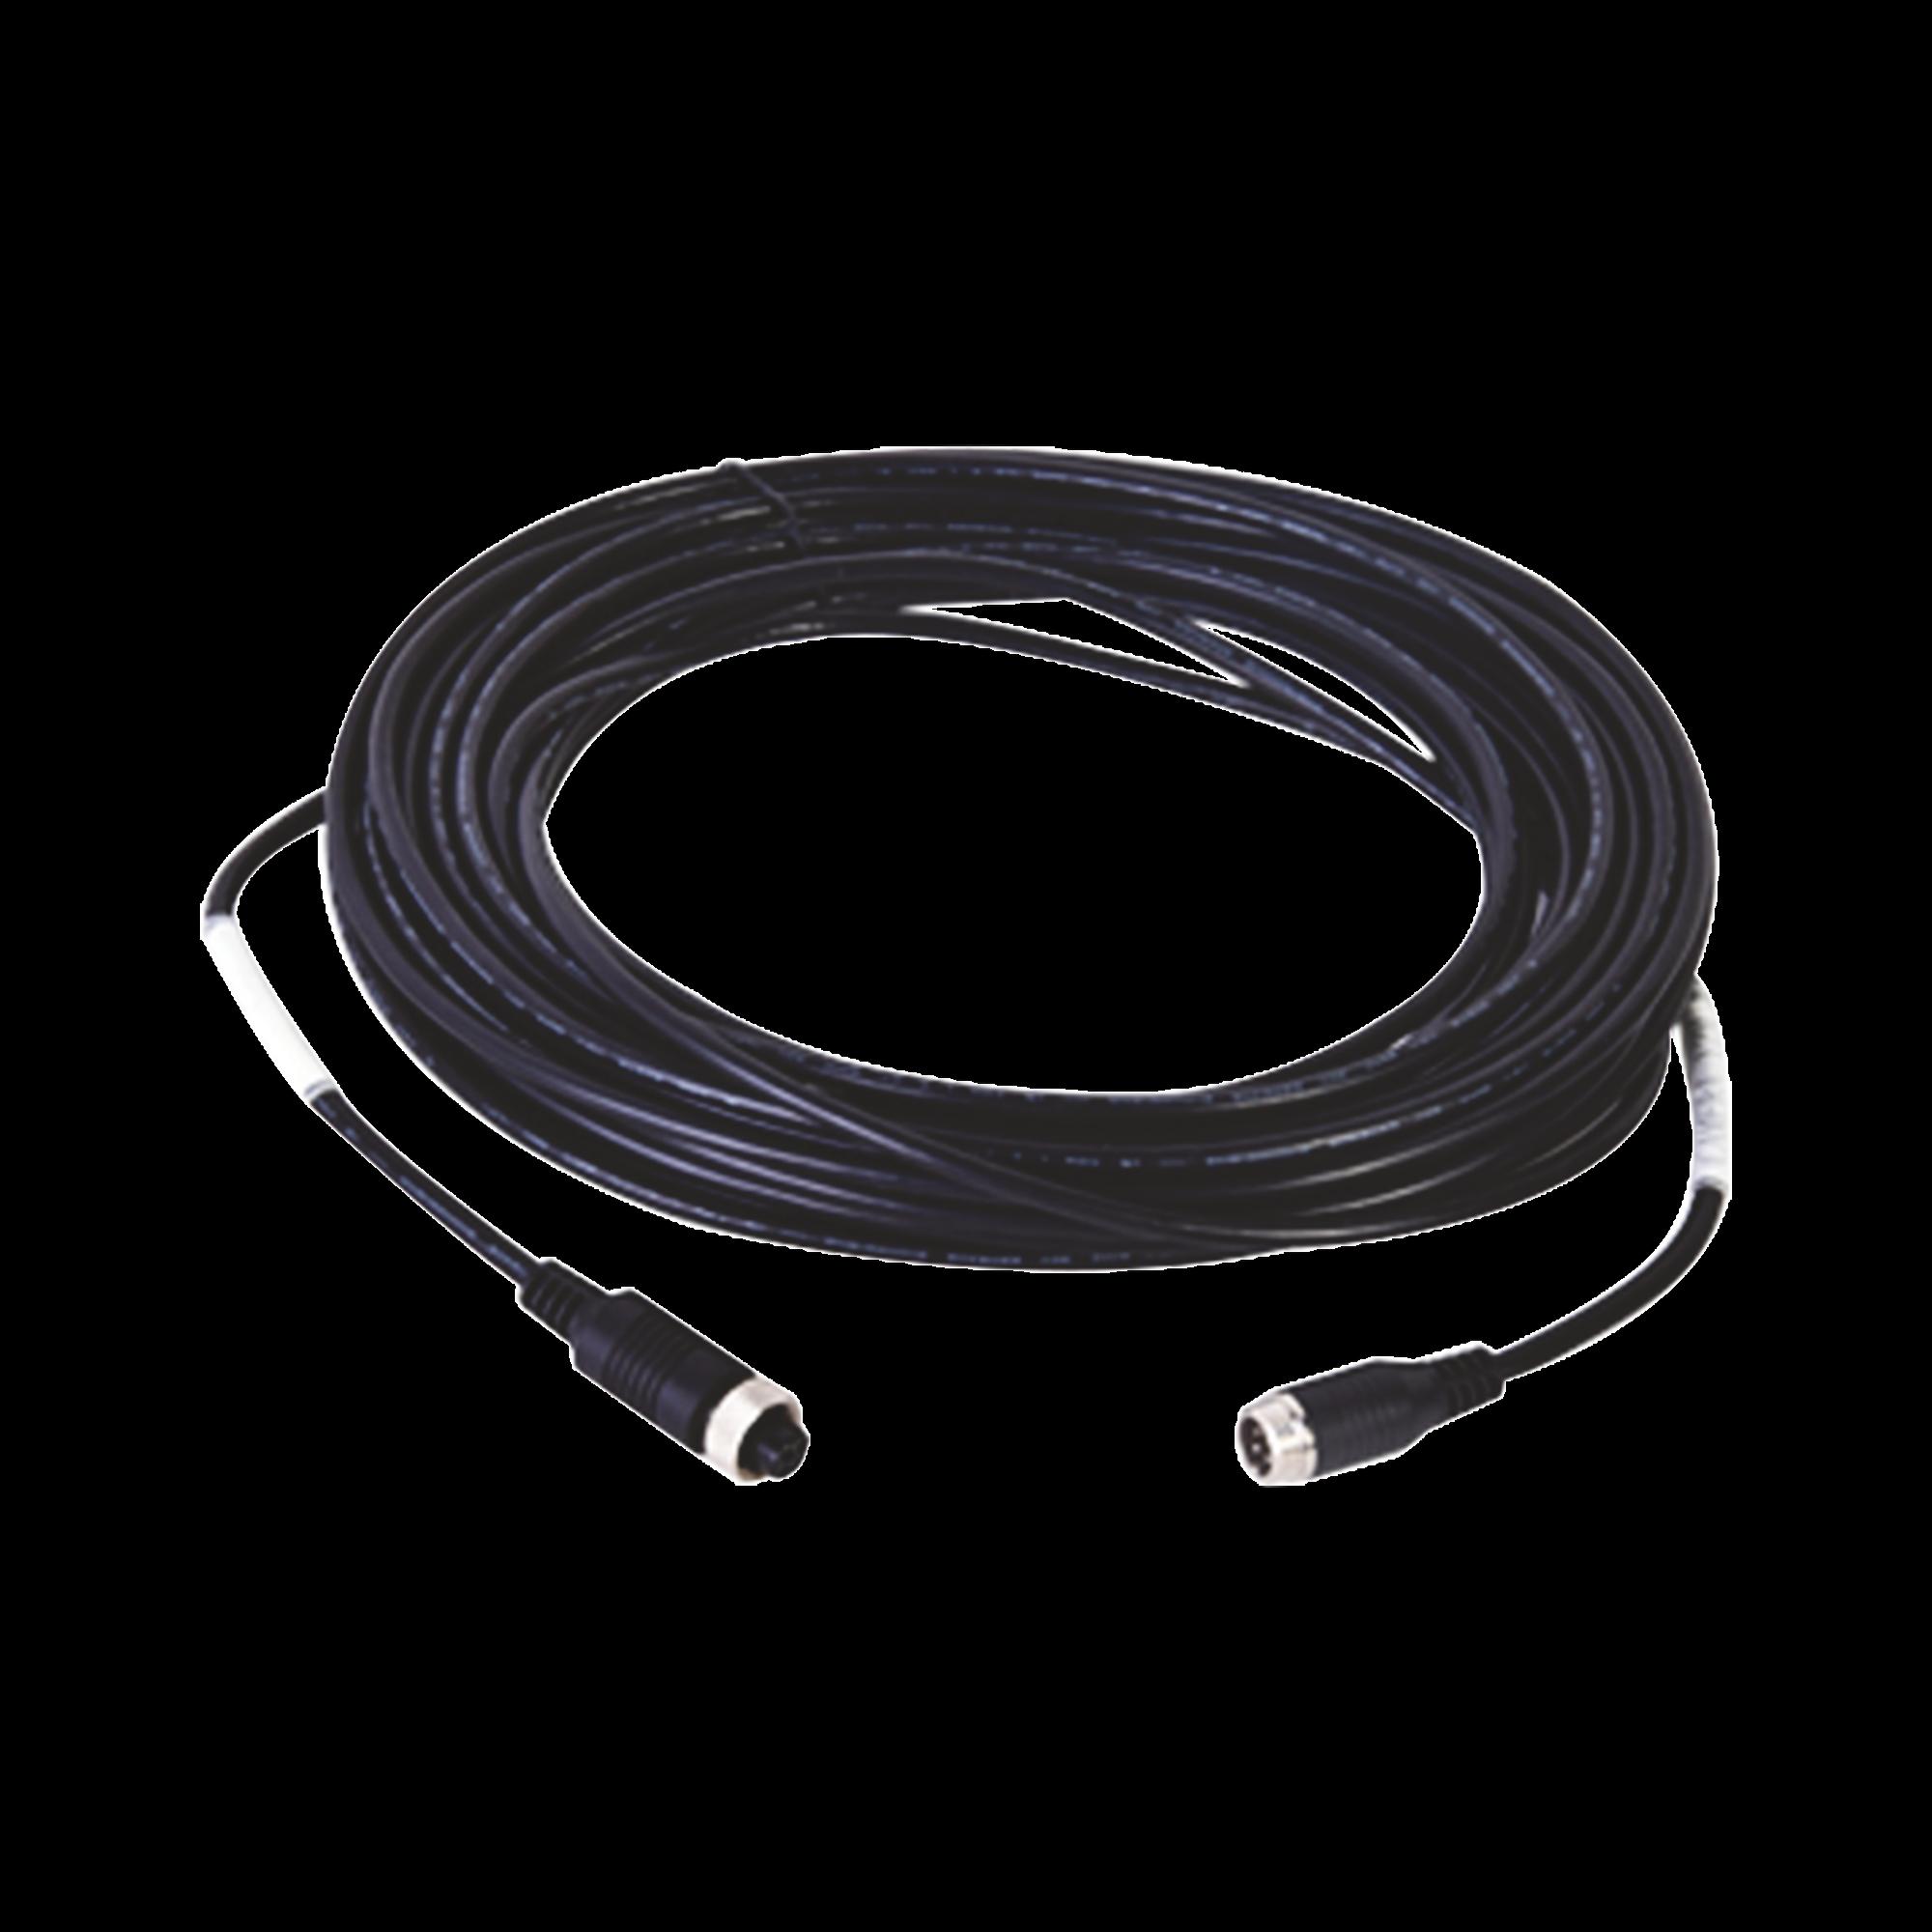 Cable Extensor de Vídeo y Audio de 14 Metros / Conector Tipo Aviación / Compatible con Cámara Móvil HIKVISION